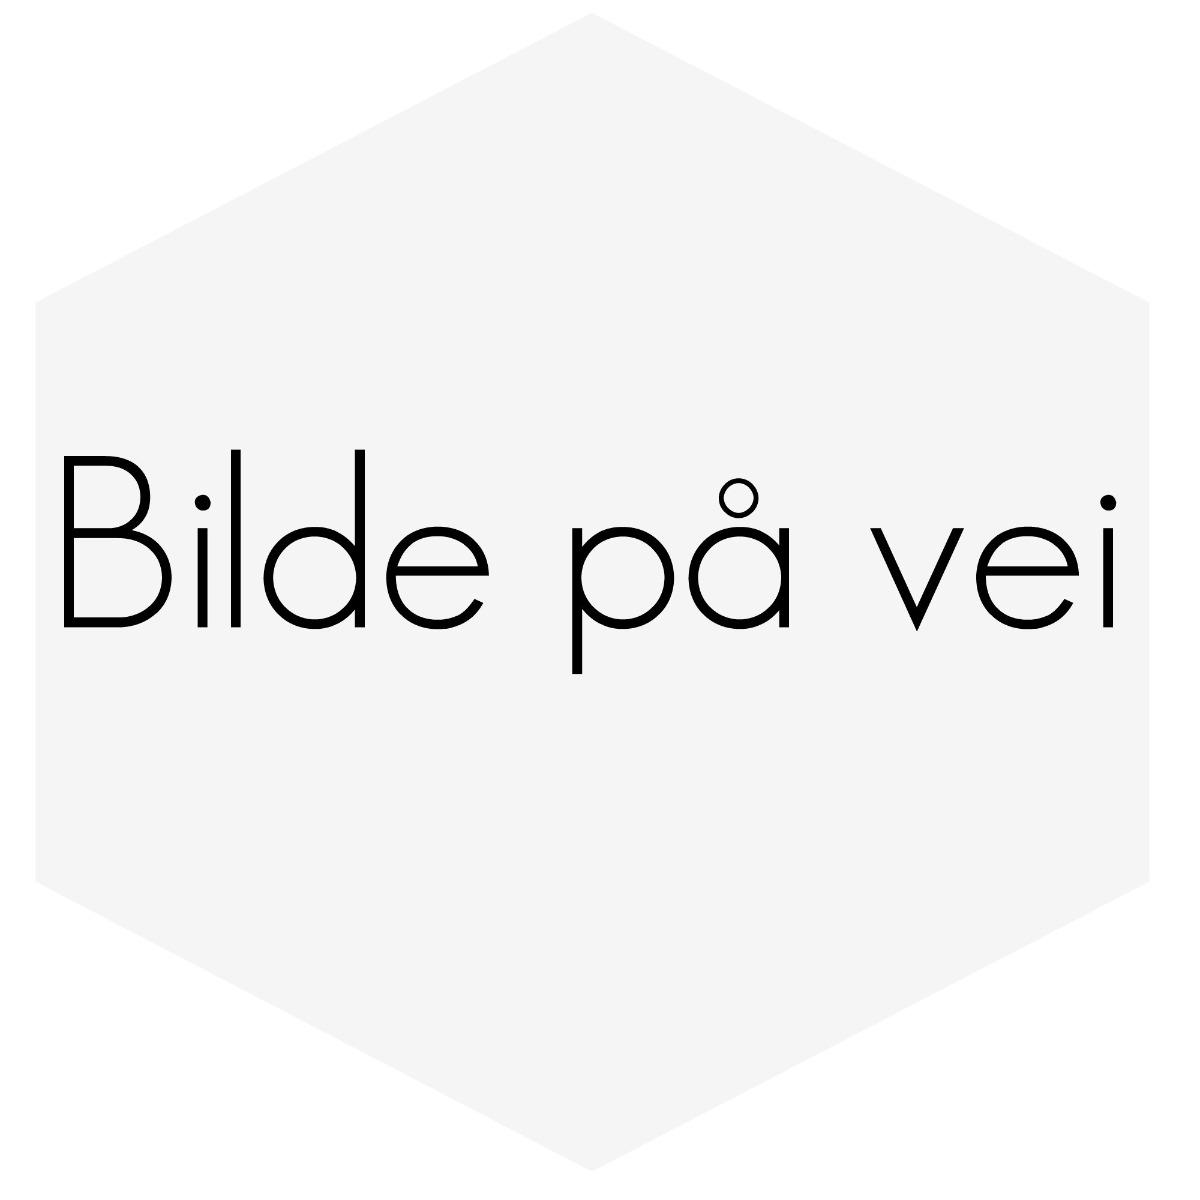 MUTTER 8MM. LAV TYPE (CA HALV HØYDE MOT VANLIG)